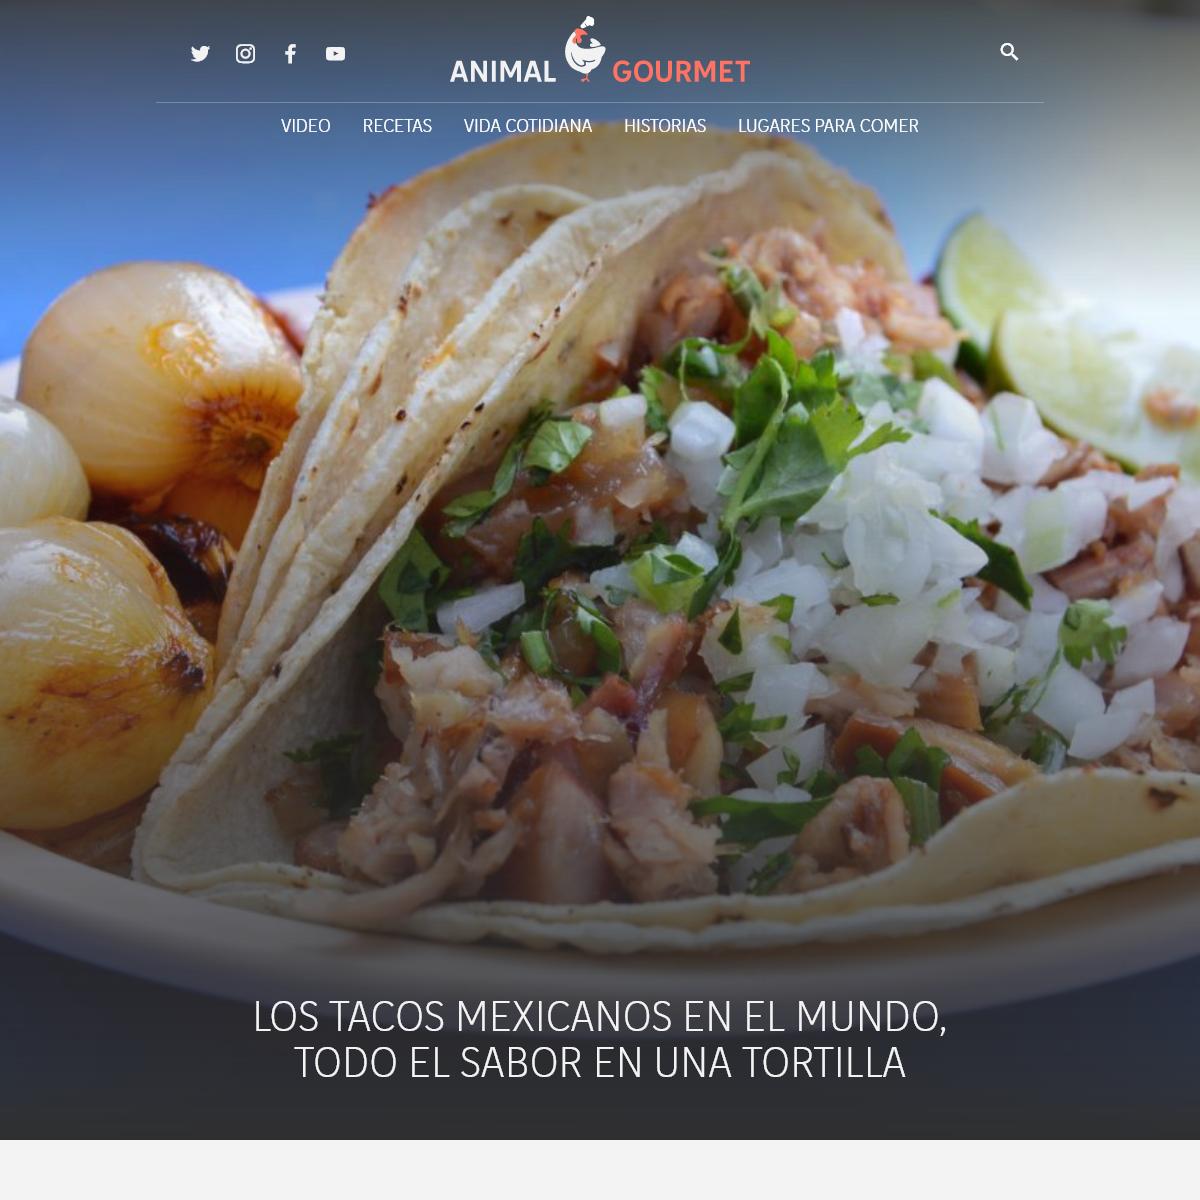 Animal Gourmet - Comer, beber y saberlo hacer